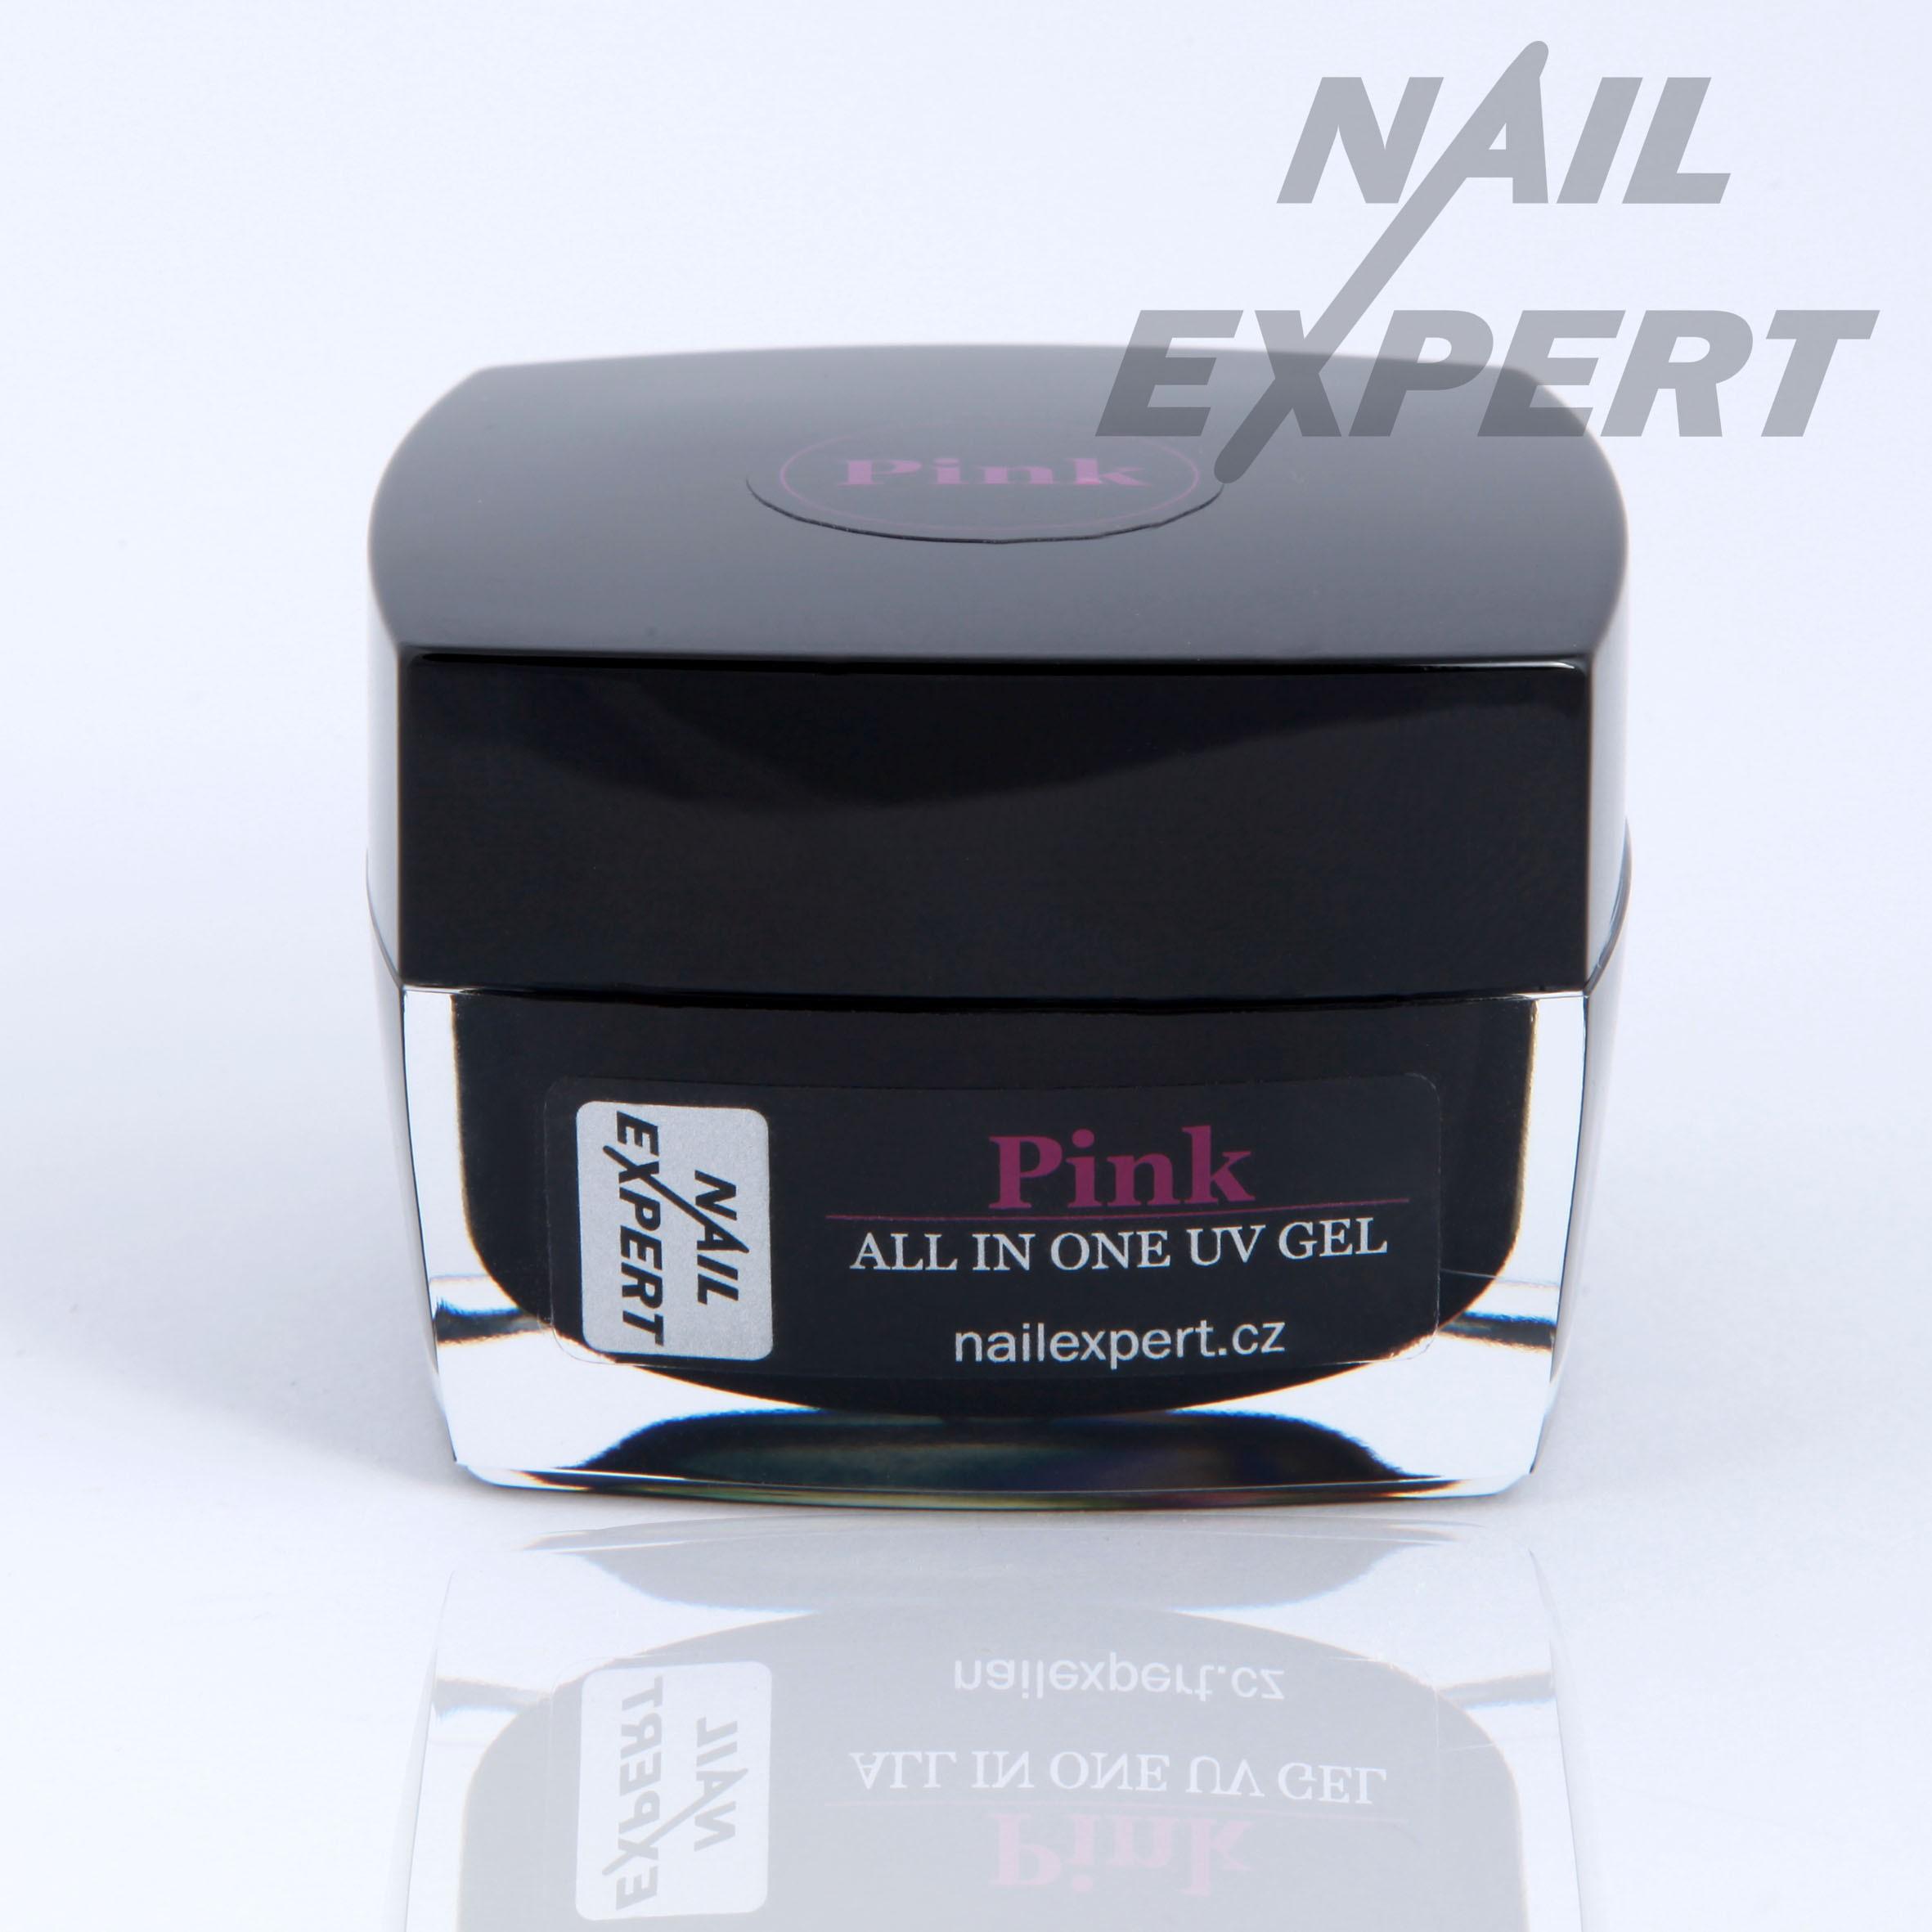 Nail Expert Pink Jednofazovy Uv Gel 40ml Jednofazove Gely Zakladni Uv Gely